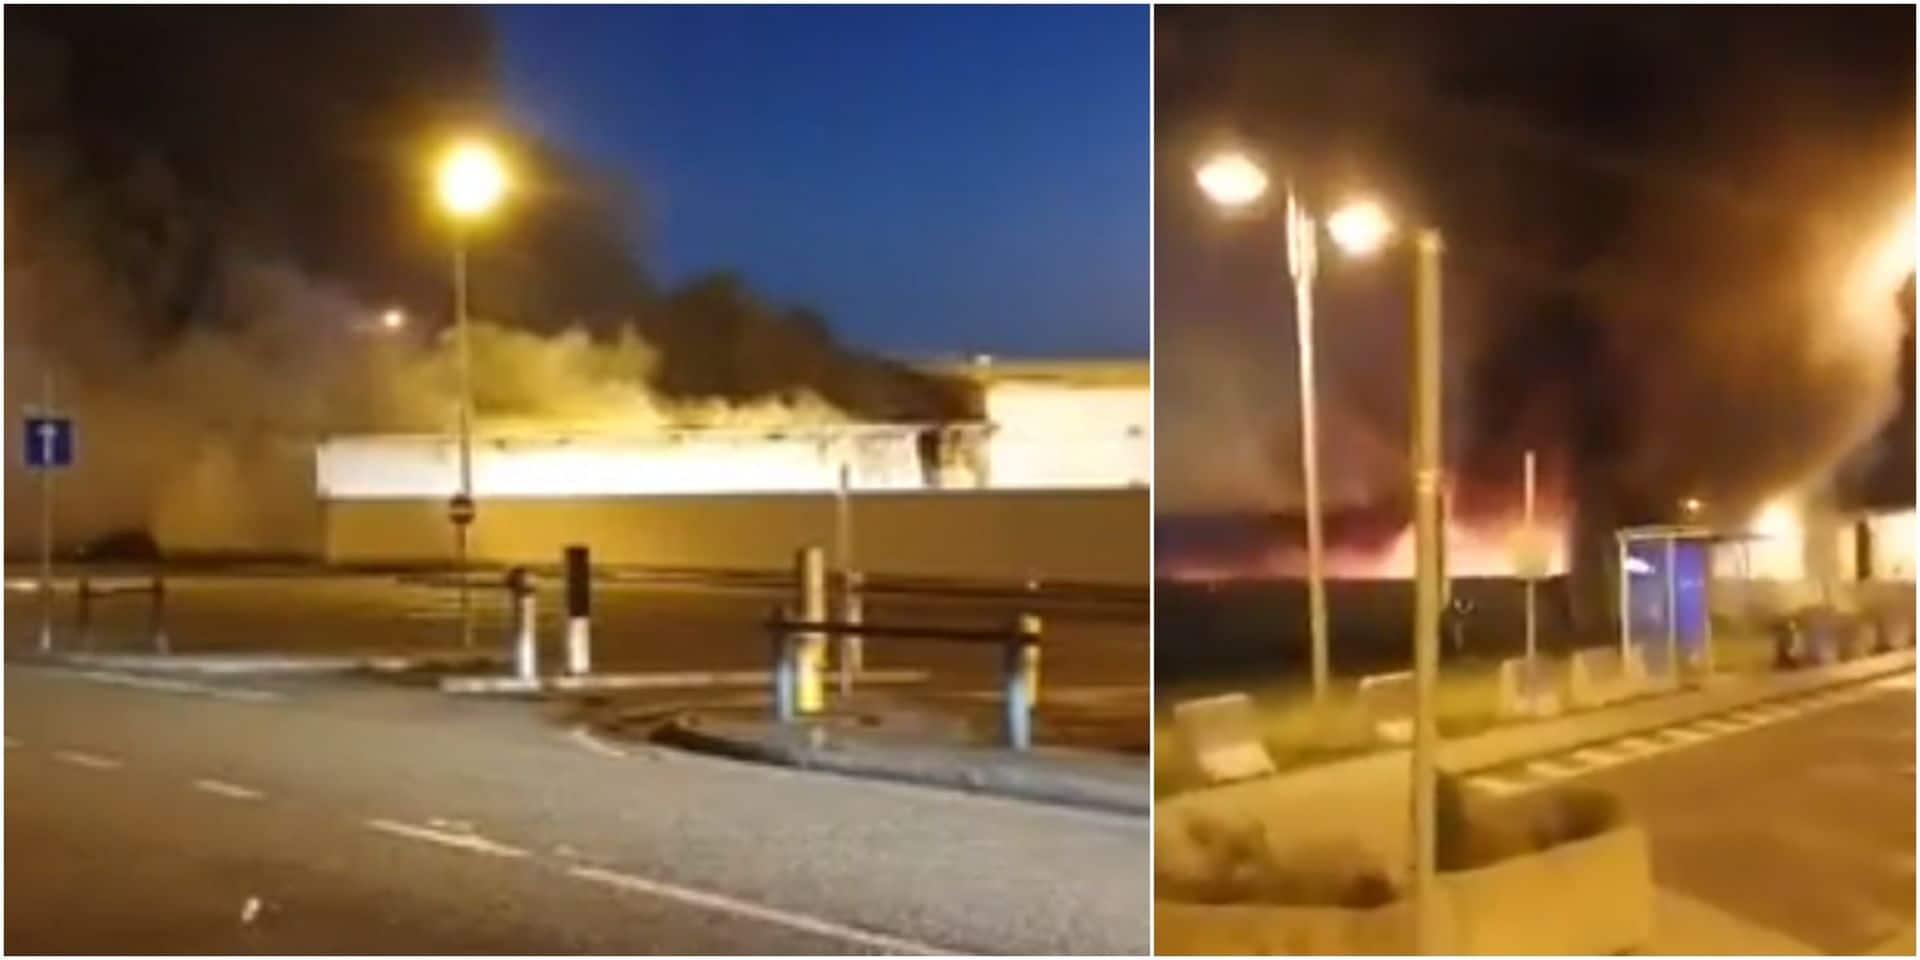 Incendie à l'aéroport de Liège: les vols ont repris, le bâtiment touché va être détruit en raison de dégâts importants (VIDEOS)